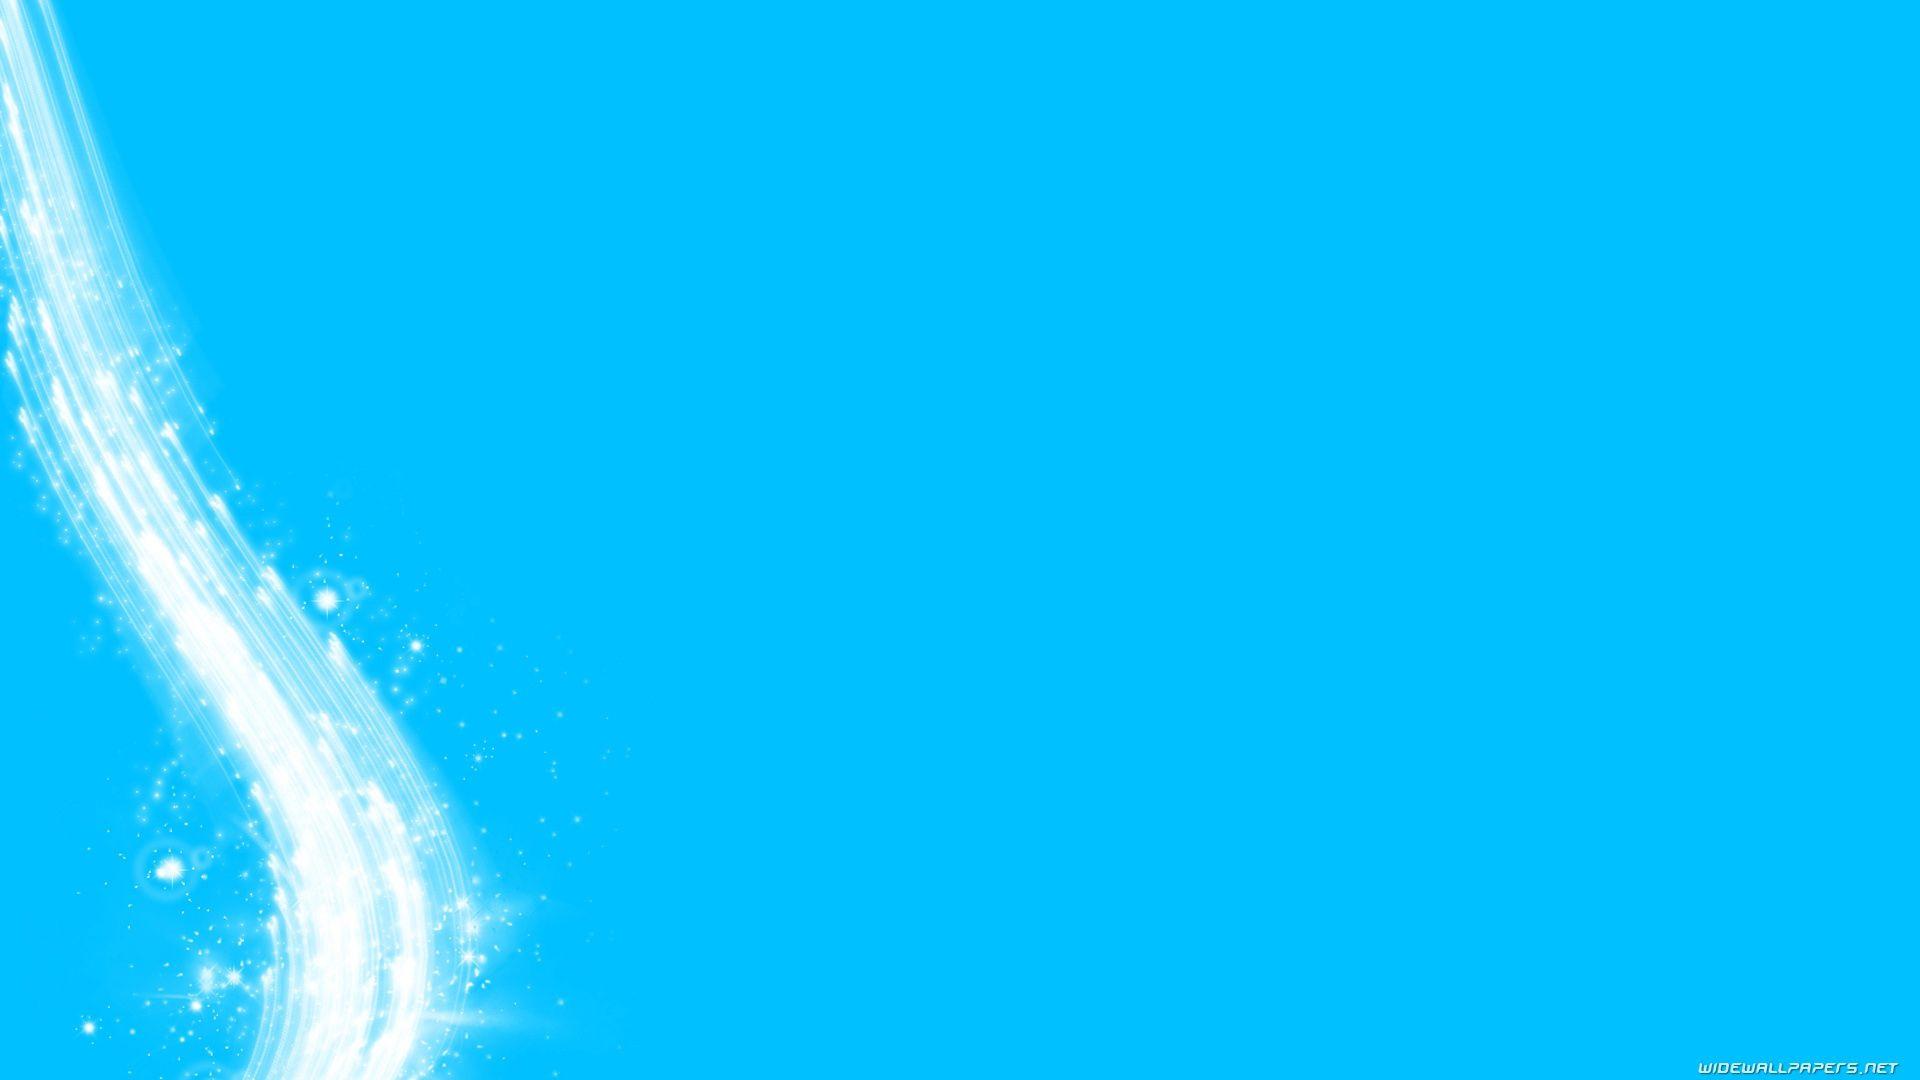 74904 Salvapantallas y fondos de pantalla Abstracción en tu teléfono. Descarga imágenes de Abstracción, Líneas, Lineas, Ondulado, Brillar, Brillo, Lentejuelas, Oropel gratis